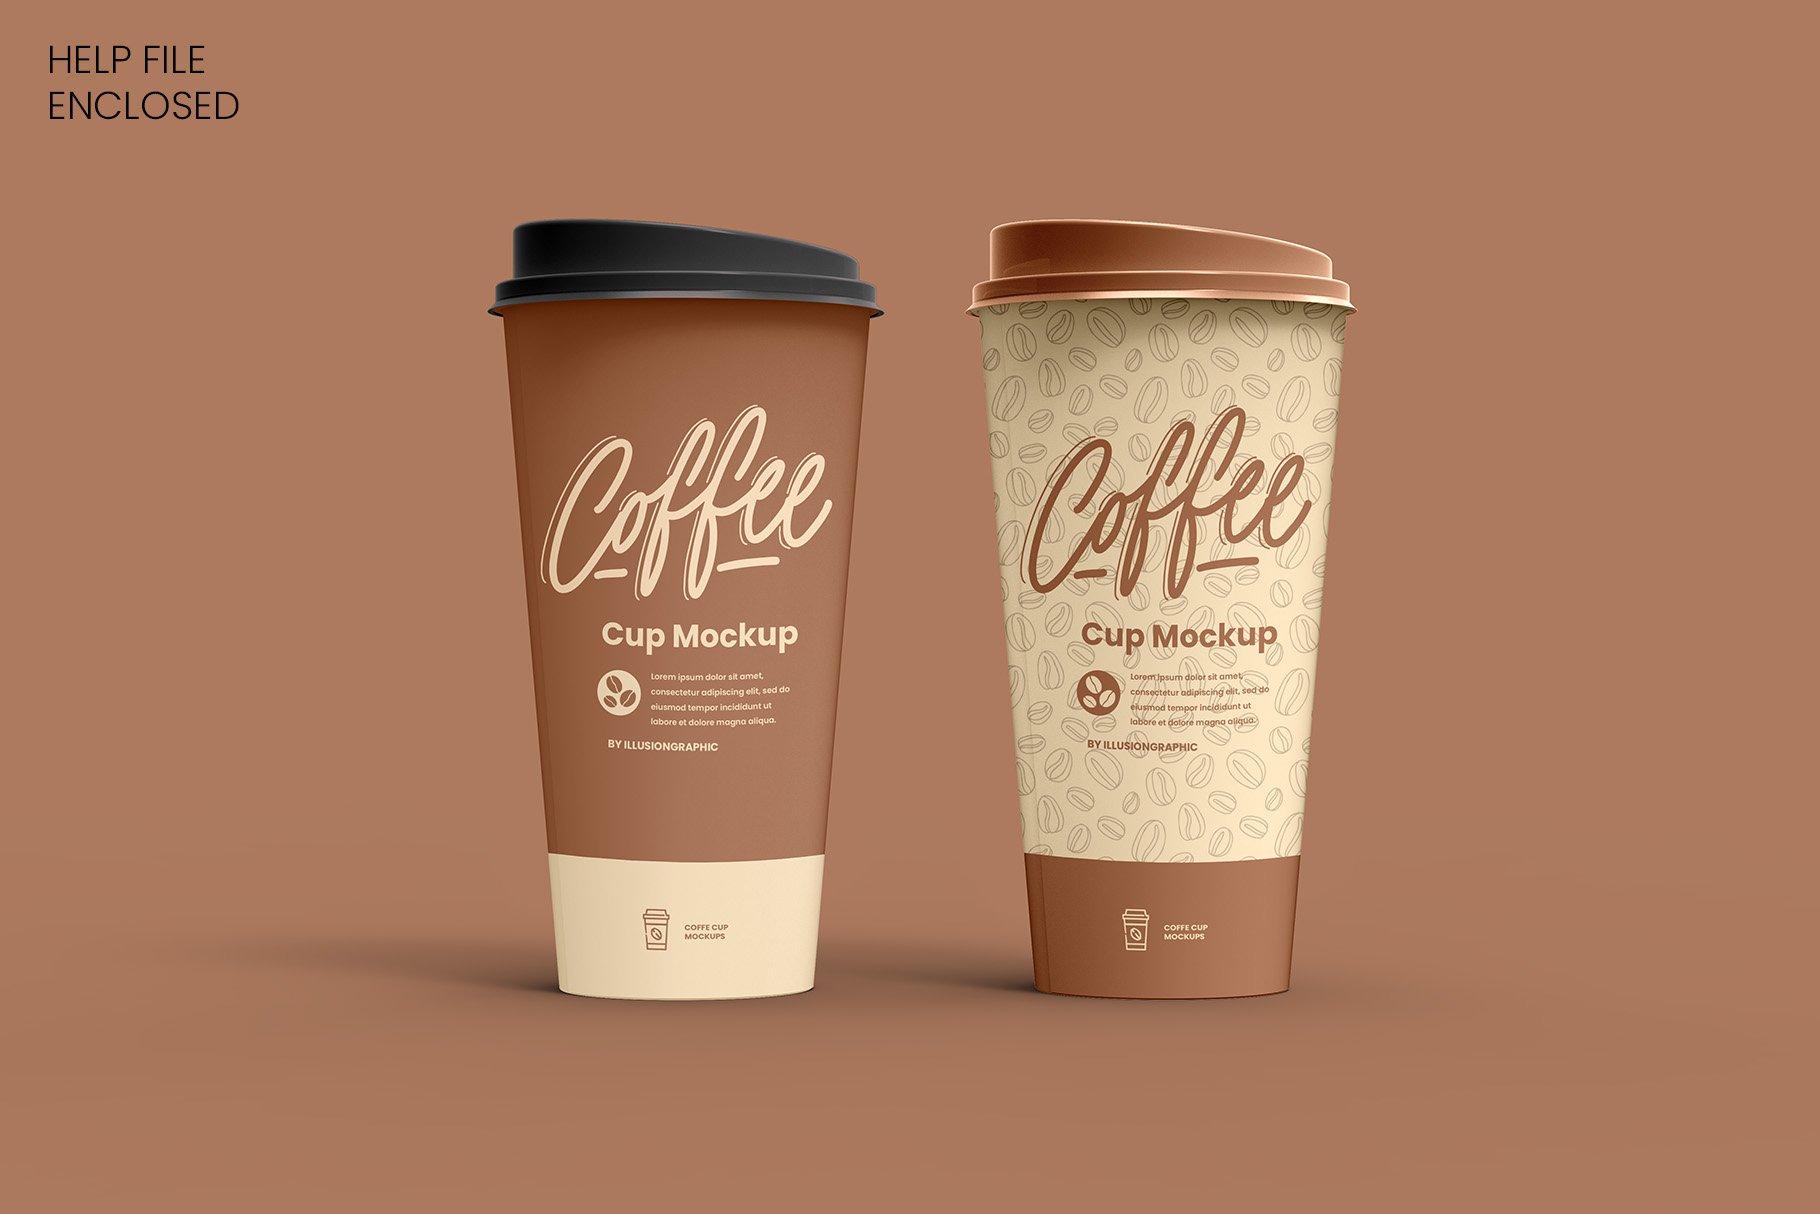 8个一次性咖啡外卖纸杯设计贴图样机模板 Coffee Cup Mockup – 8 views插图2